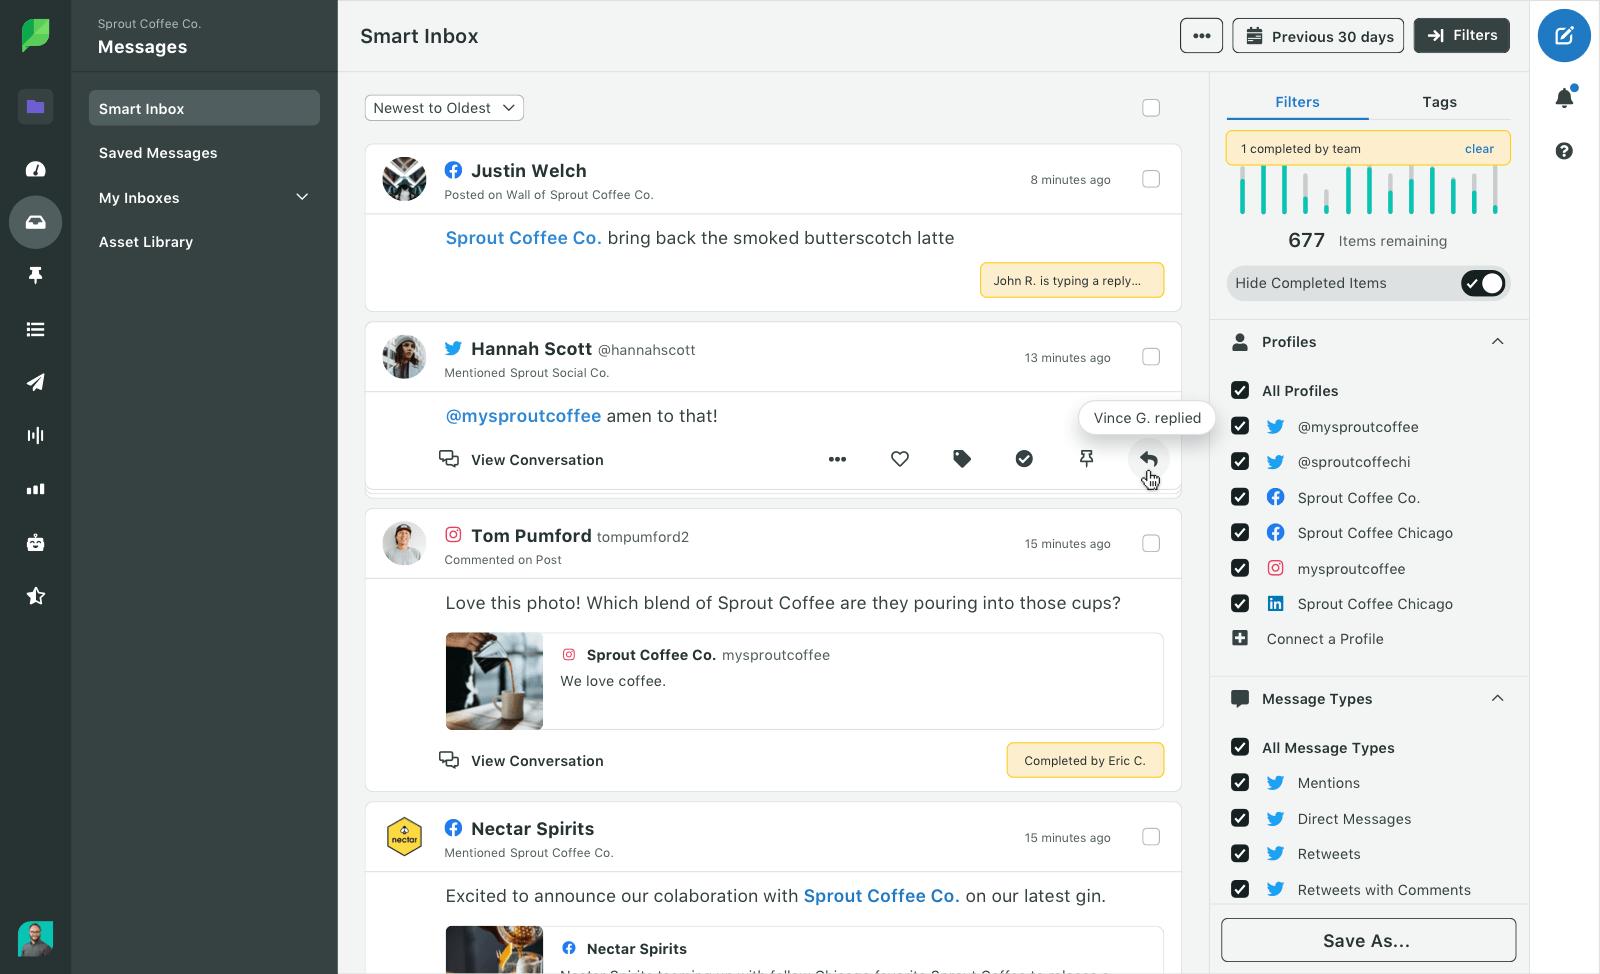 consolidar su presencia social en una plataforma a través de sprout es una forma inteligente de mejorar su tiempo de respuesta en las redes sociales